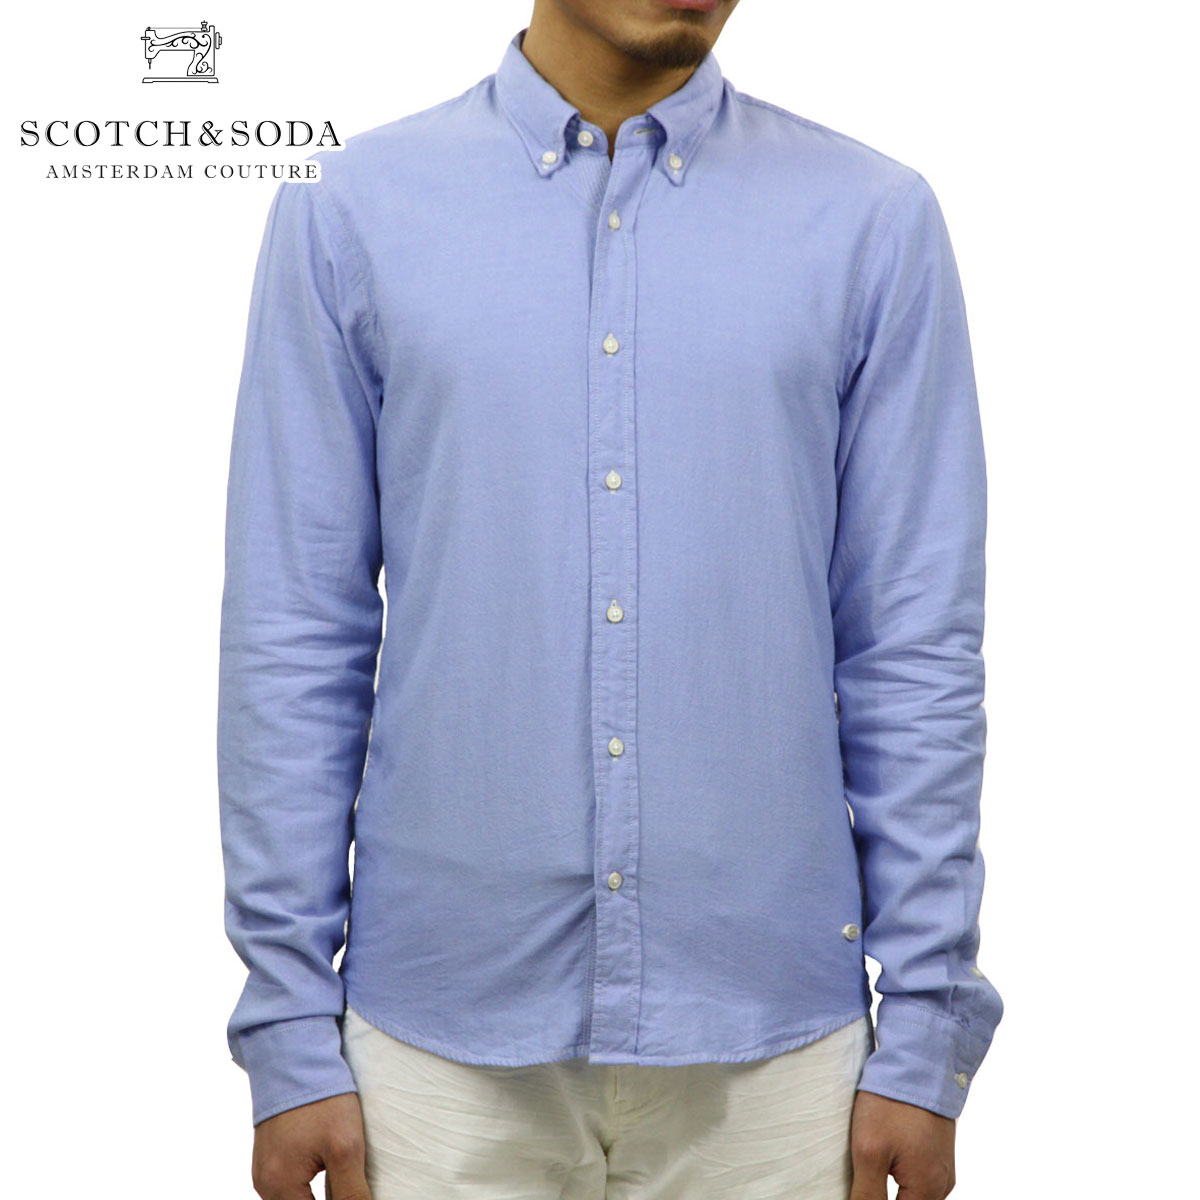 スコッチアンドソーダ SCOTCH&SODA 正規販売店 メンズ 長袖シャツ Classic Lightweight oxford shirt. Sold with cufflinks 130729 50 D15S25